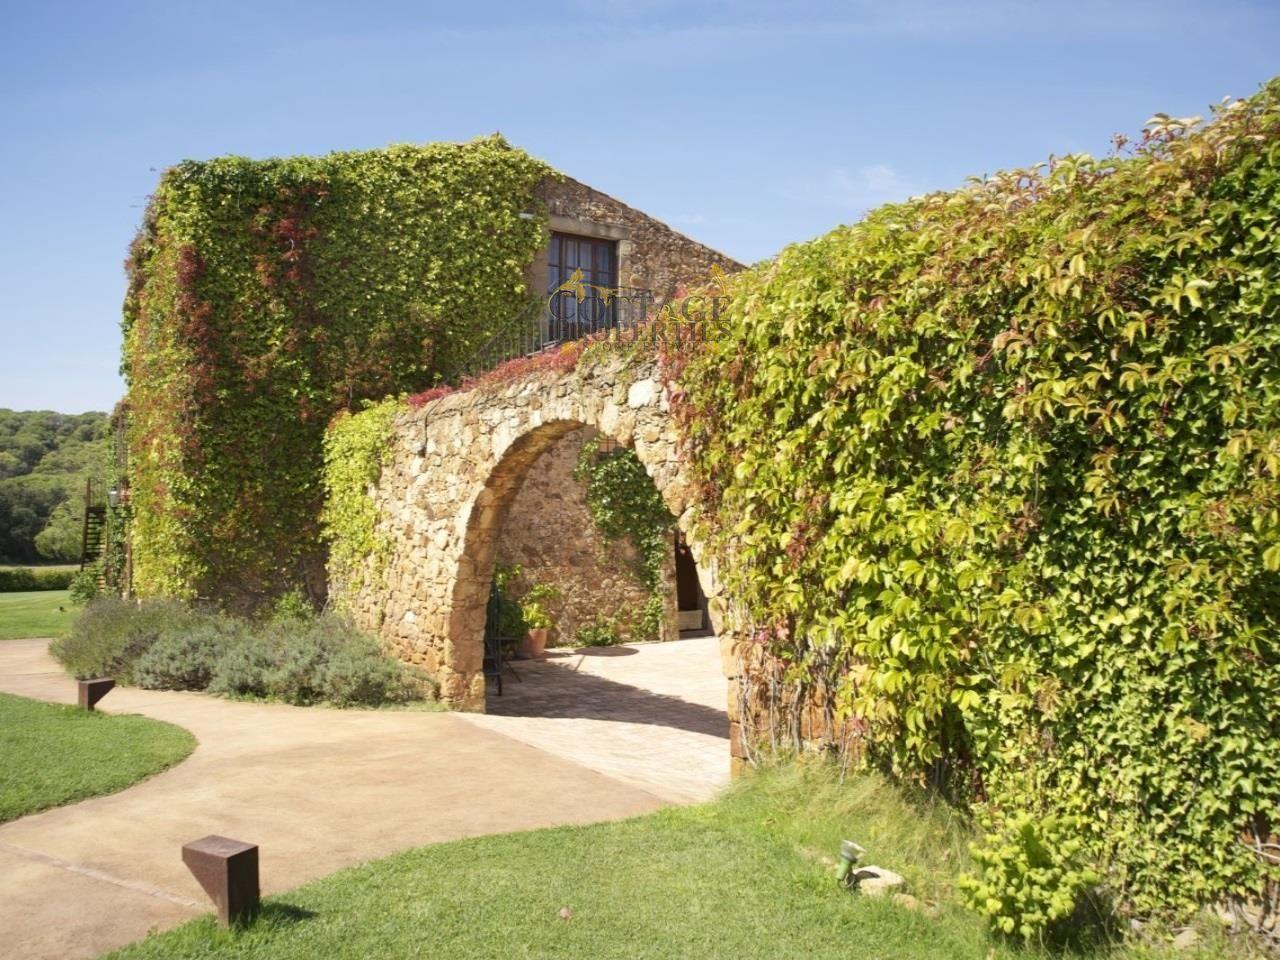 1298: Castillos in Pals